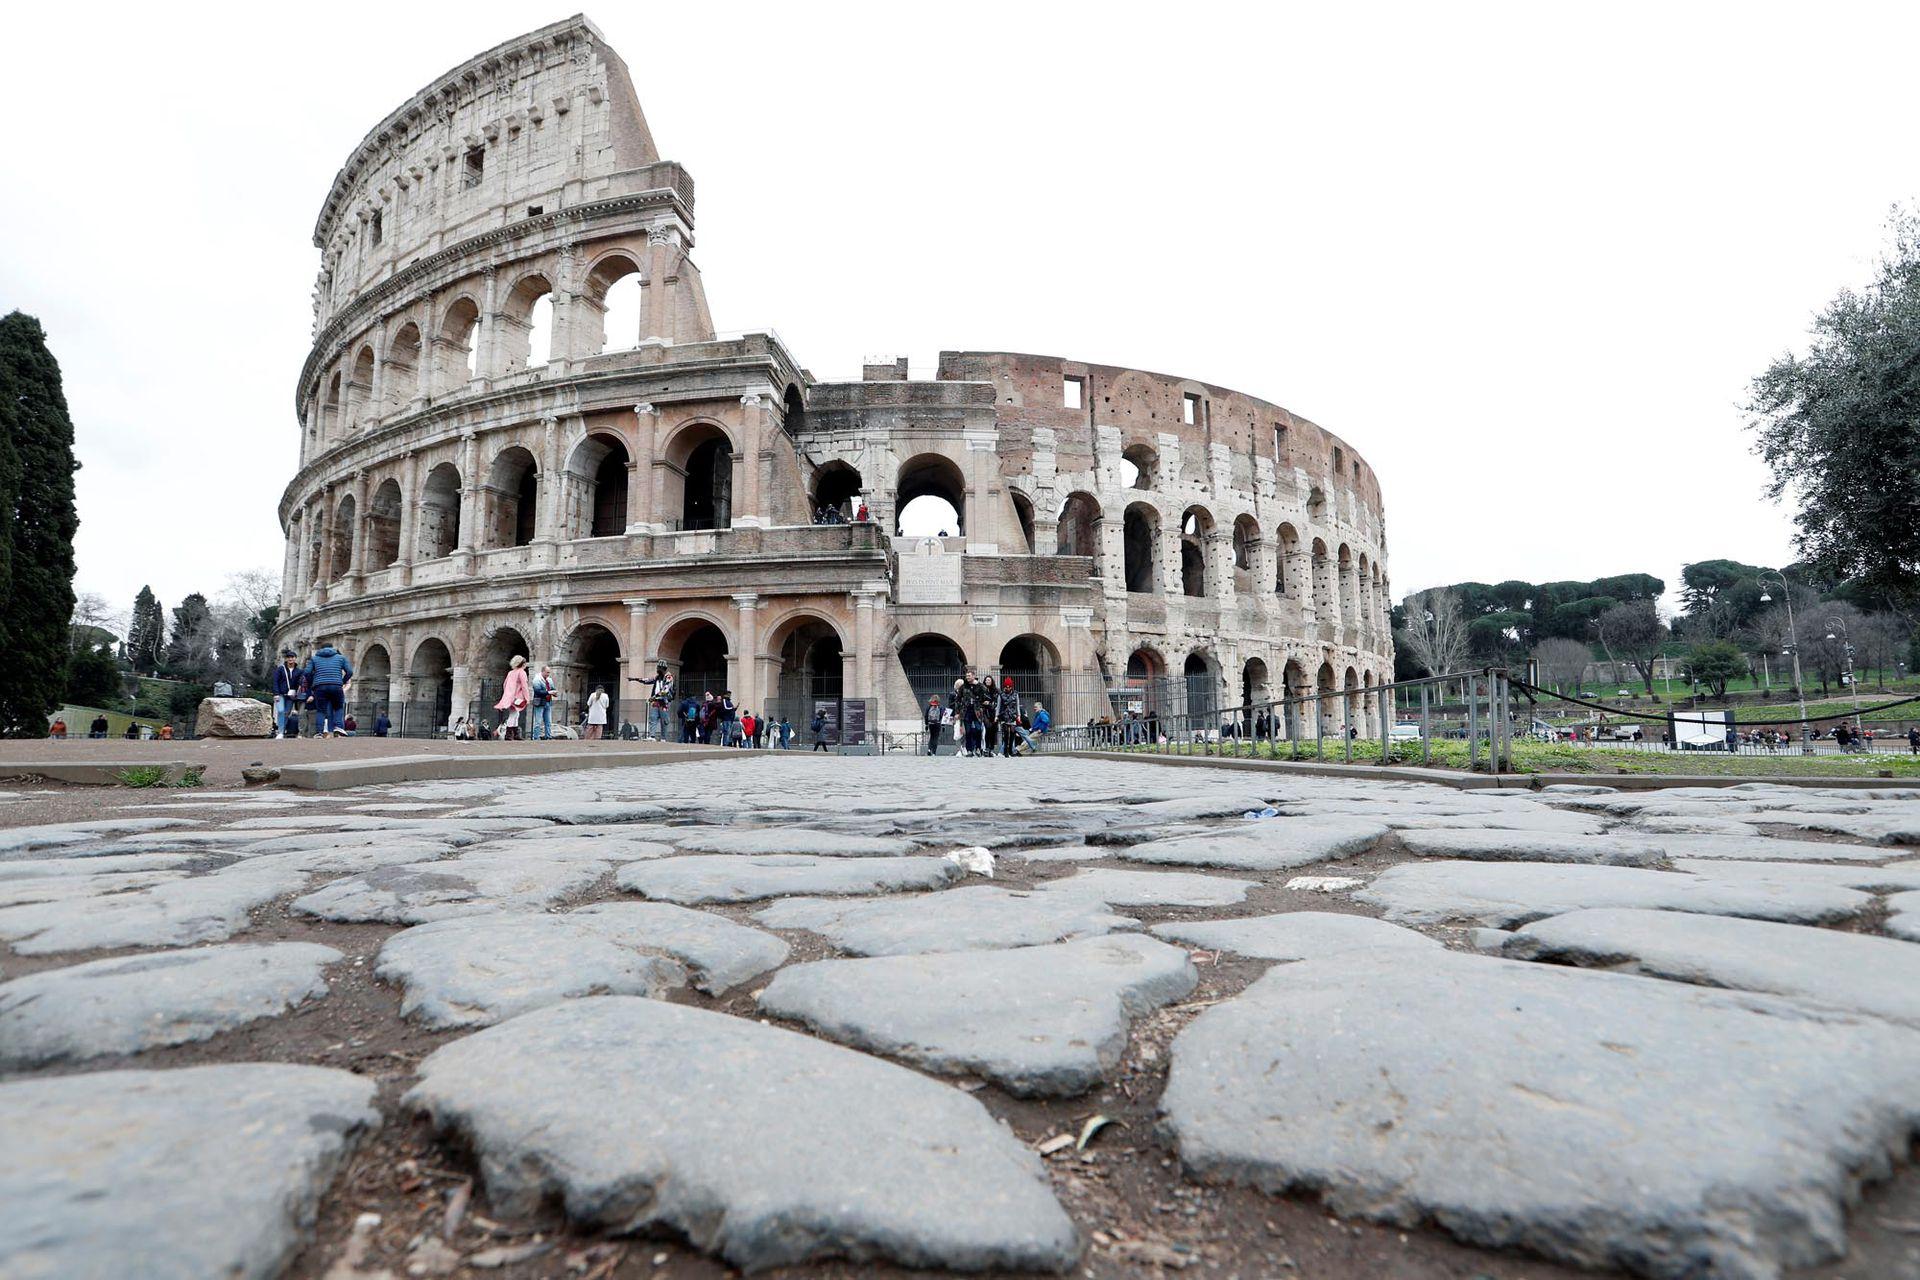 Muy poca gente en los alrededores del Coliseo, que normalmente estaría lleno de turistas, en Roma, Italia, el 2 de marzo de 2020.